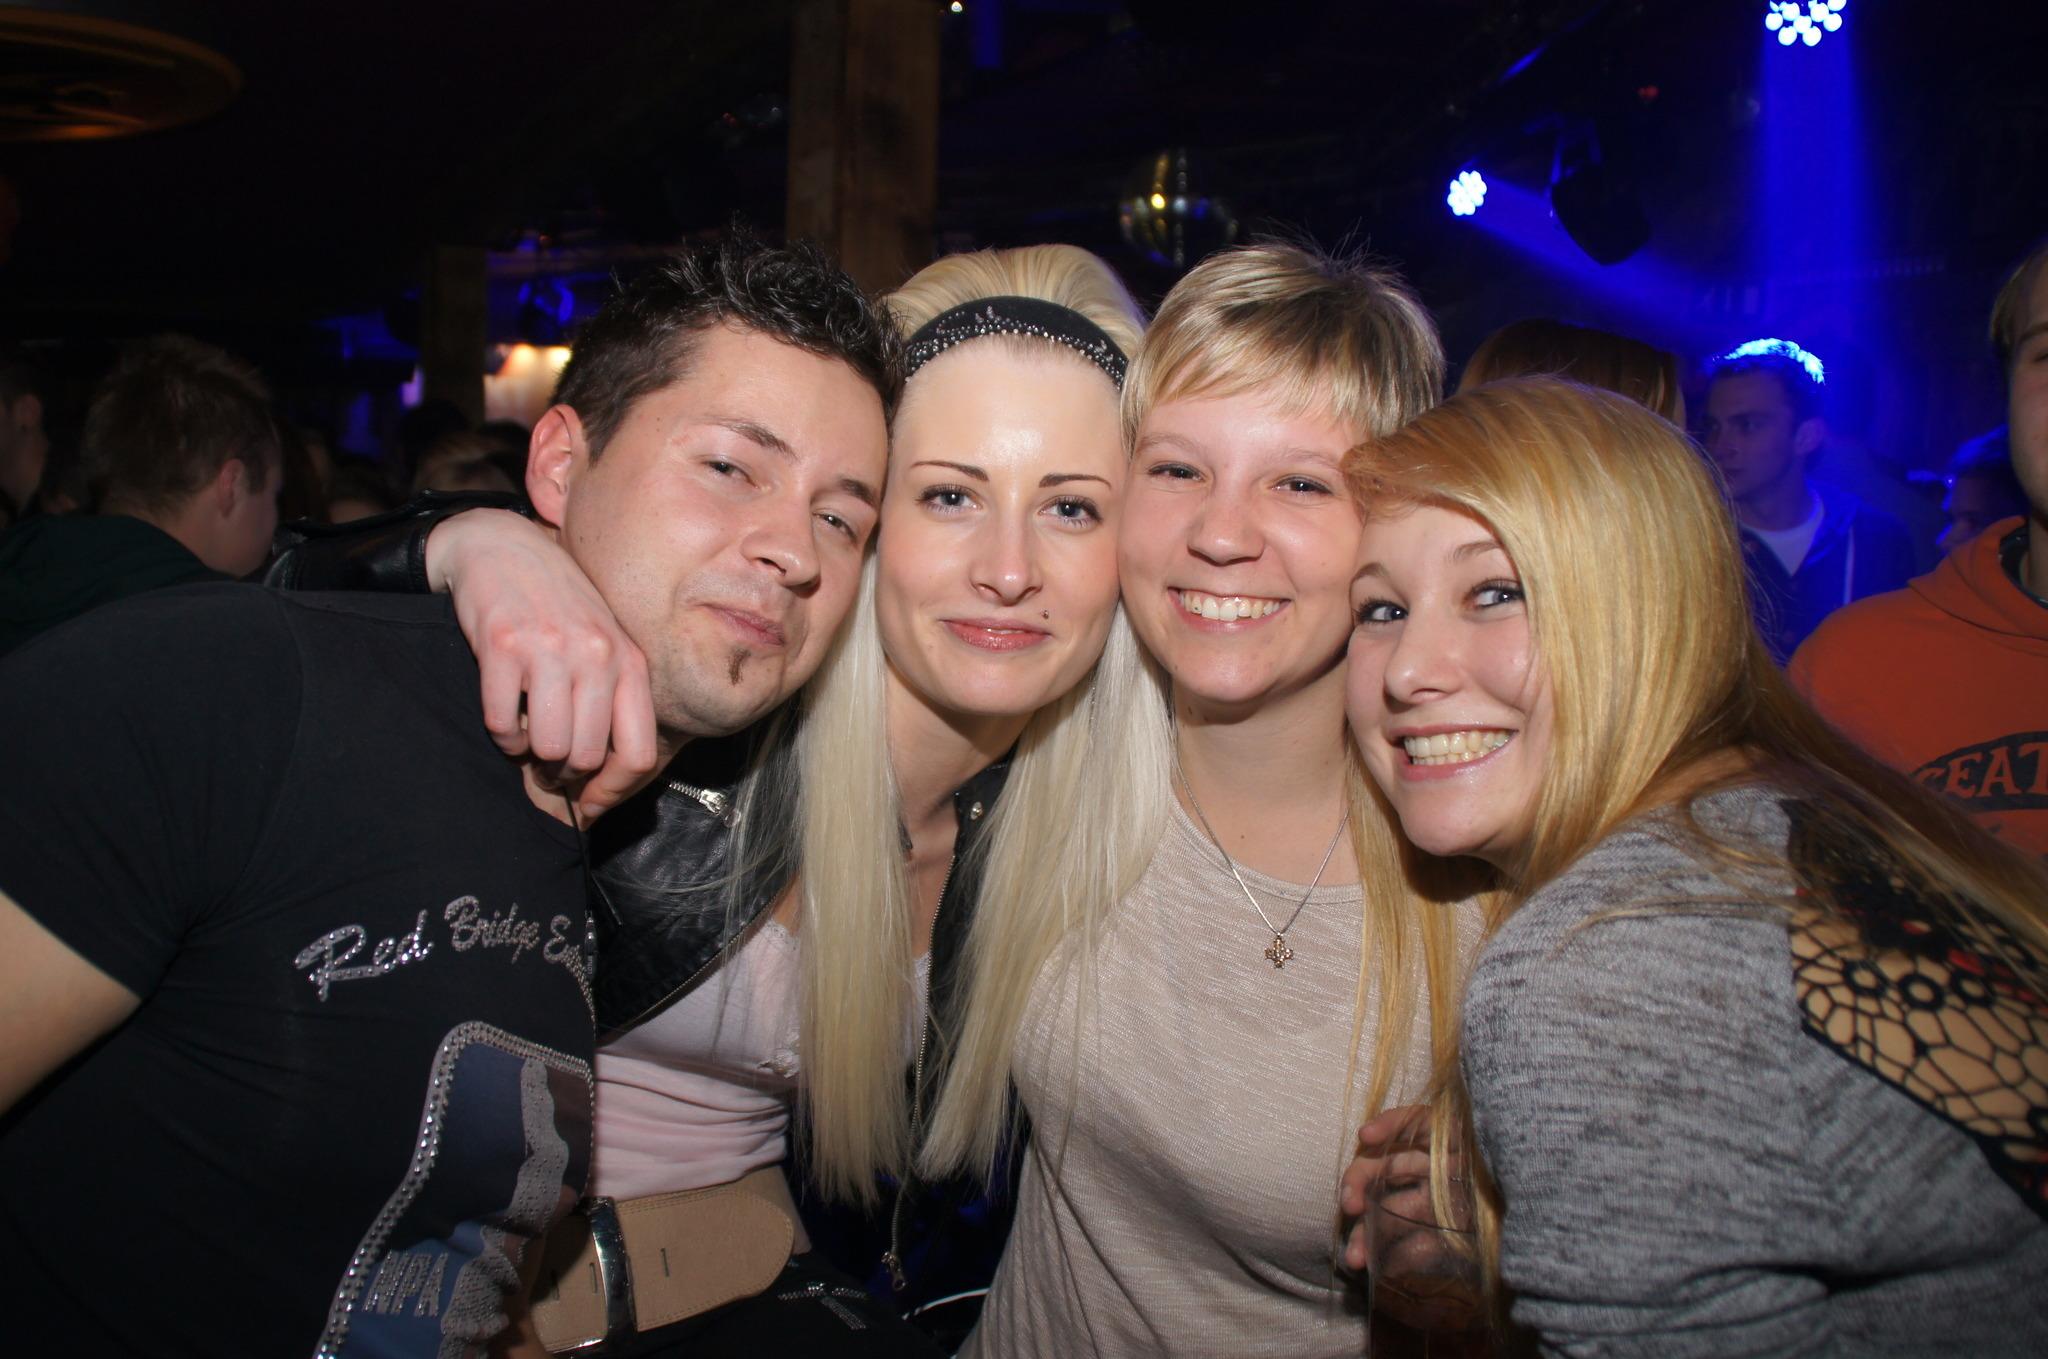 Knittelfeld Events ab 18.06.2020 Party, Events - Szene1